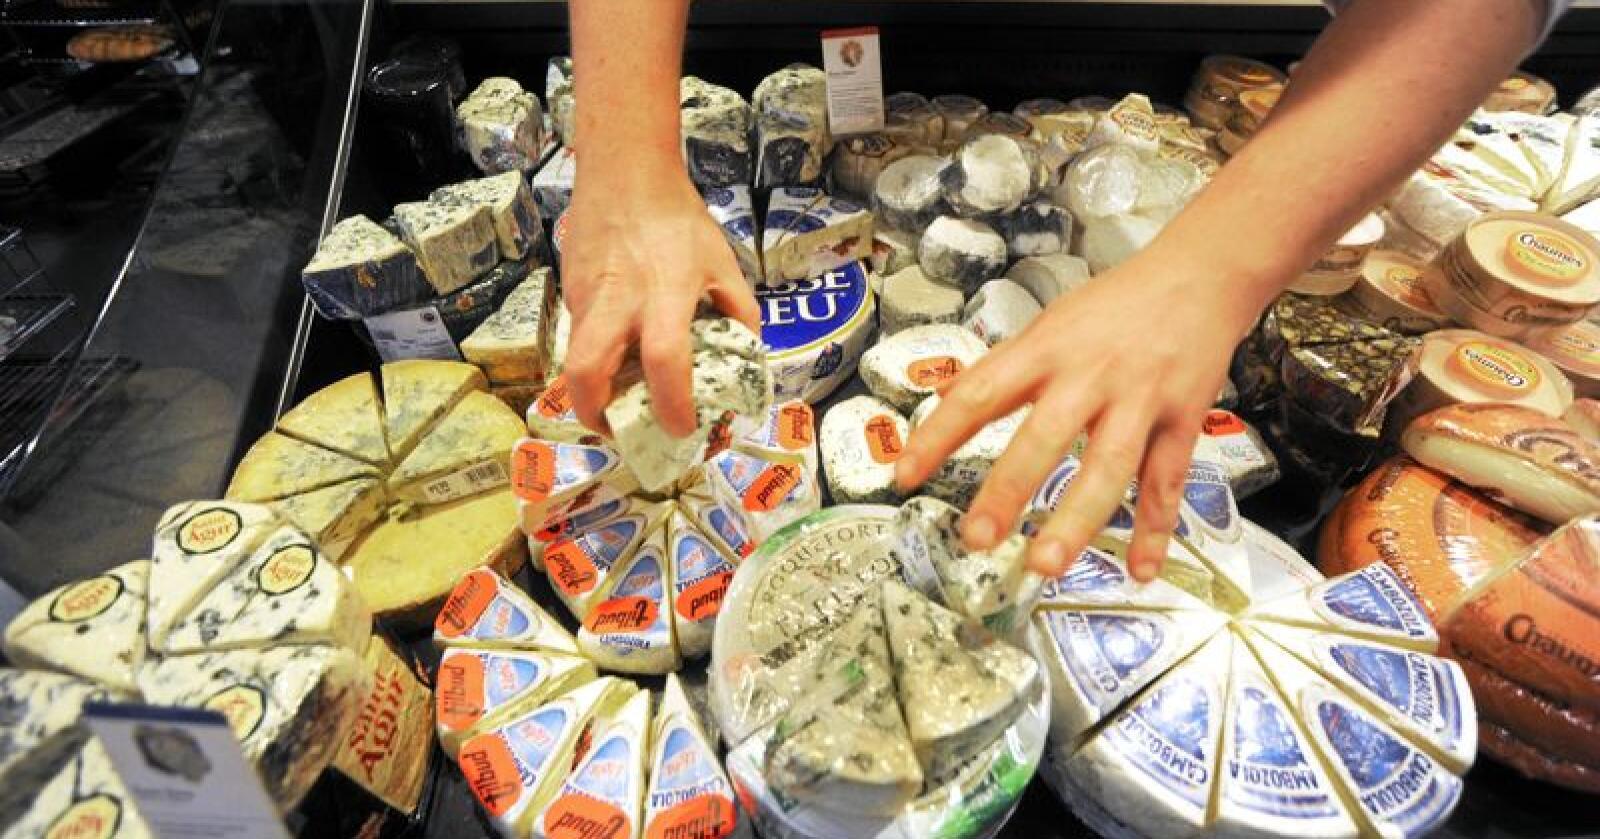 Salget av utenlandsk ost er blant de importerte varene som har økt betydelig de siste årene. Foto: Siri Juell Rasmussen